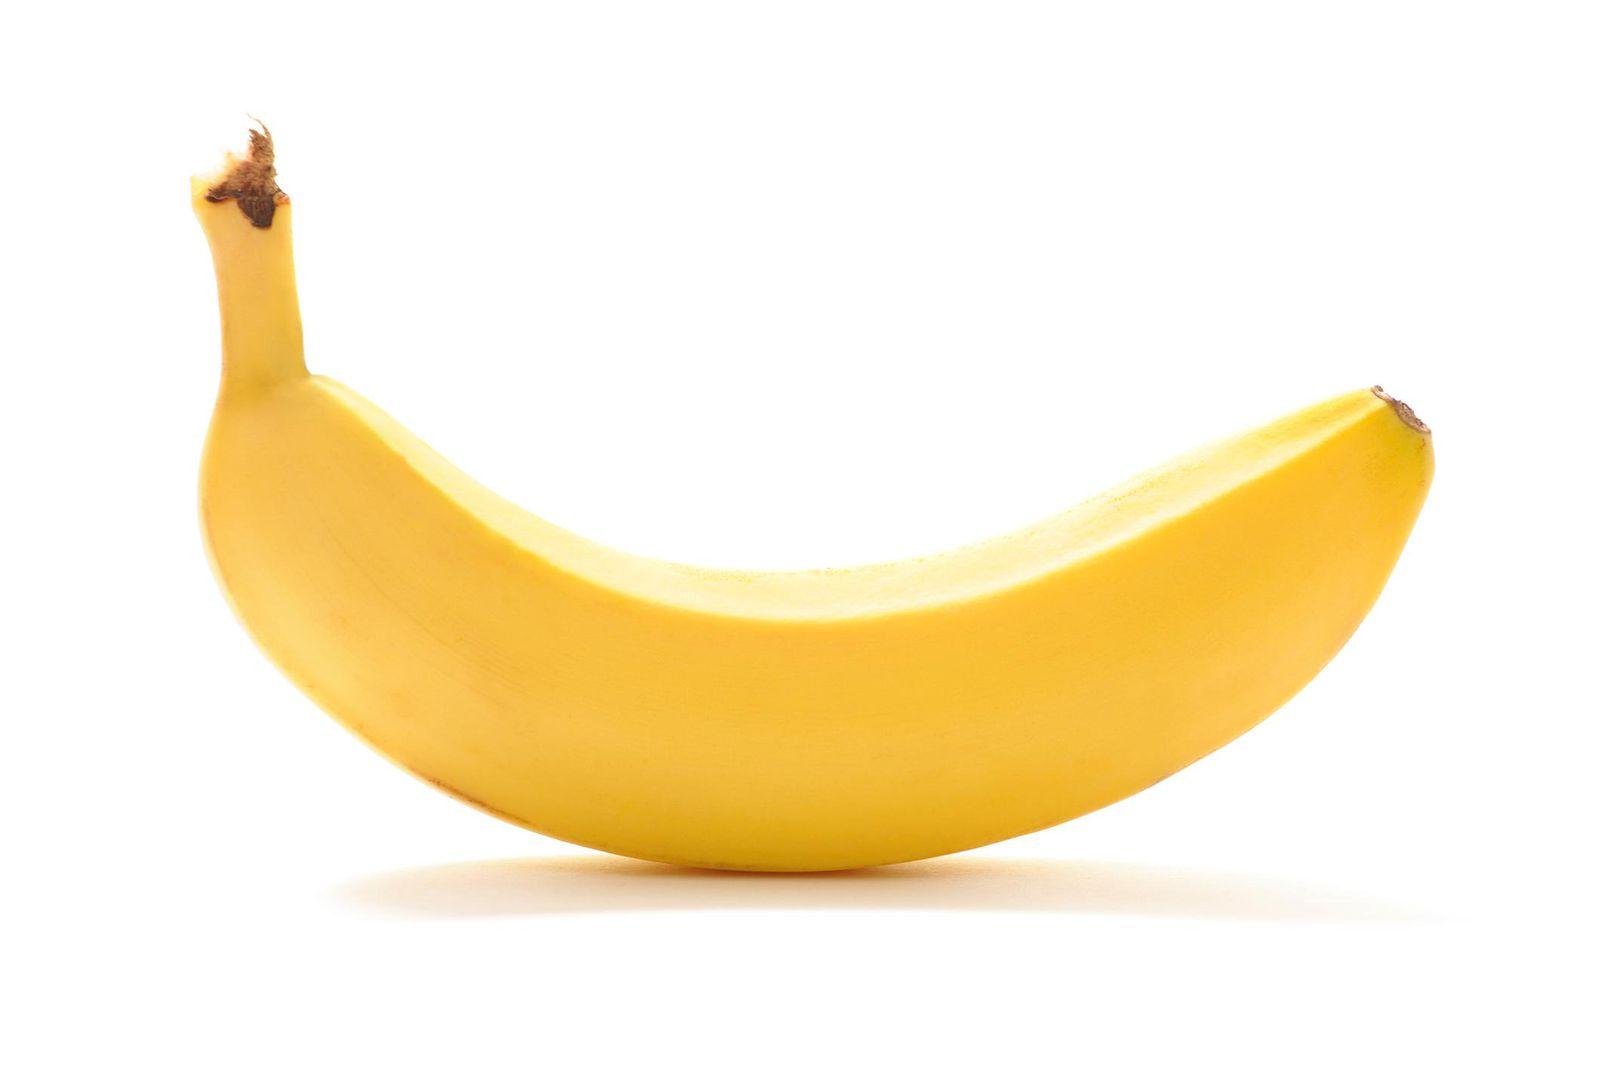 هل يمكننا الاعتماد على الموز للوقاية من فيروس كورونا؟